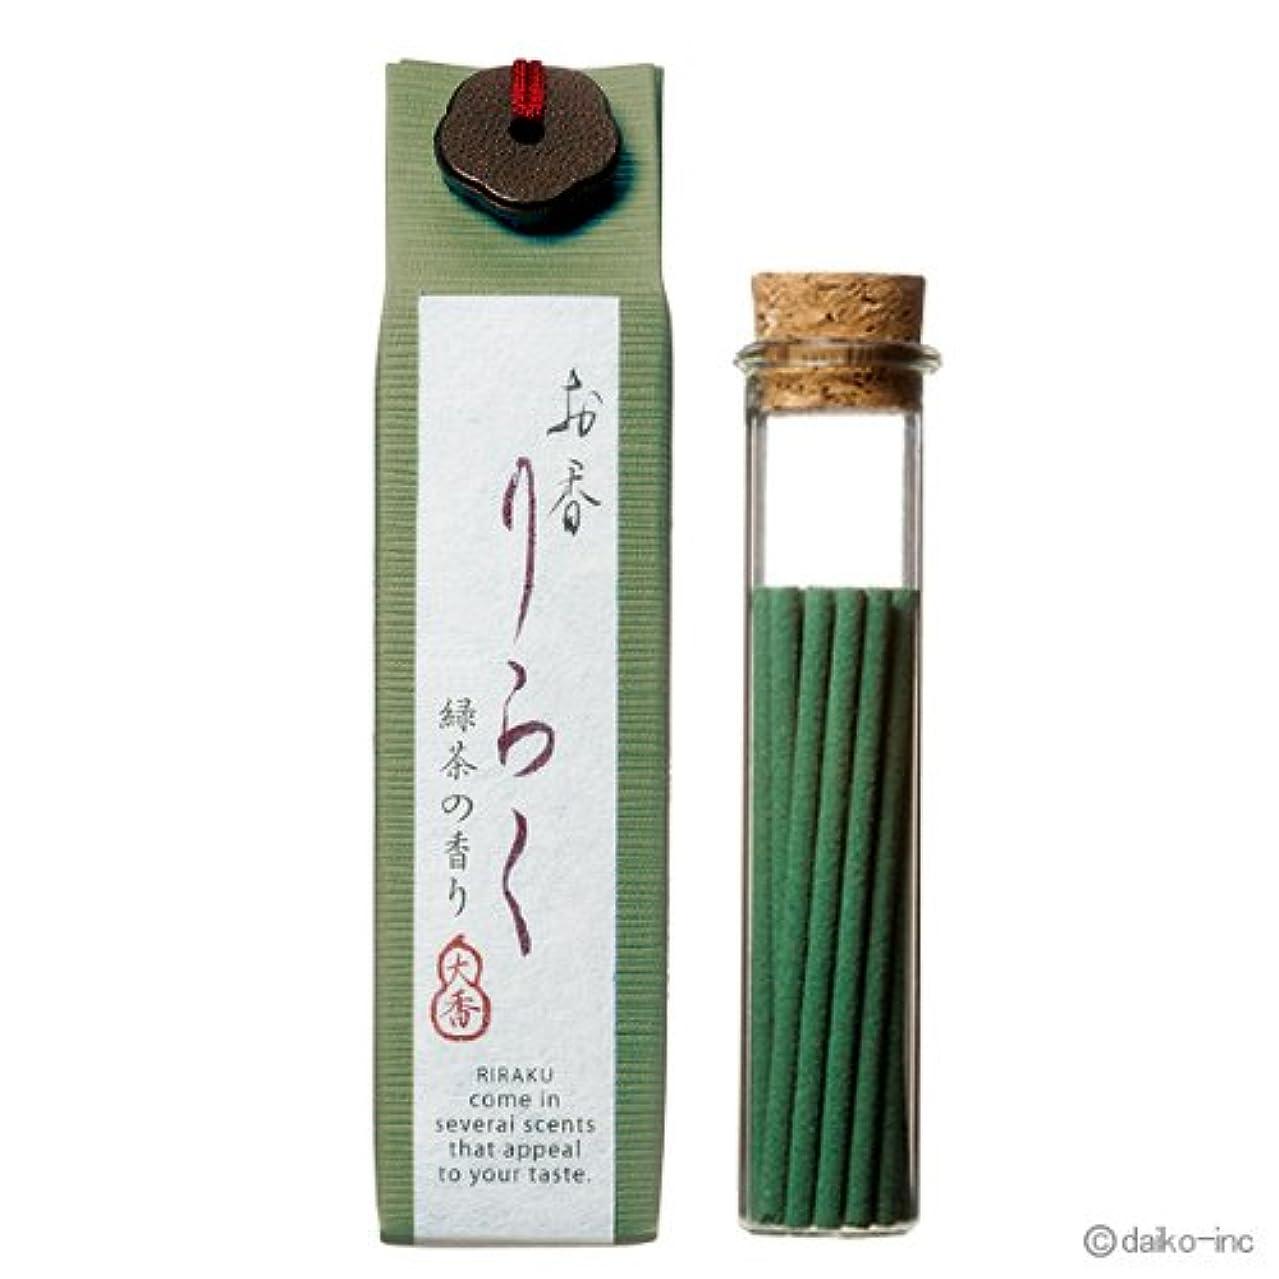 マークされたラオス人マウンドお香りらく 緑茶 お香15本入 6個セット